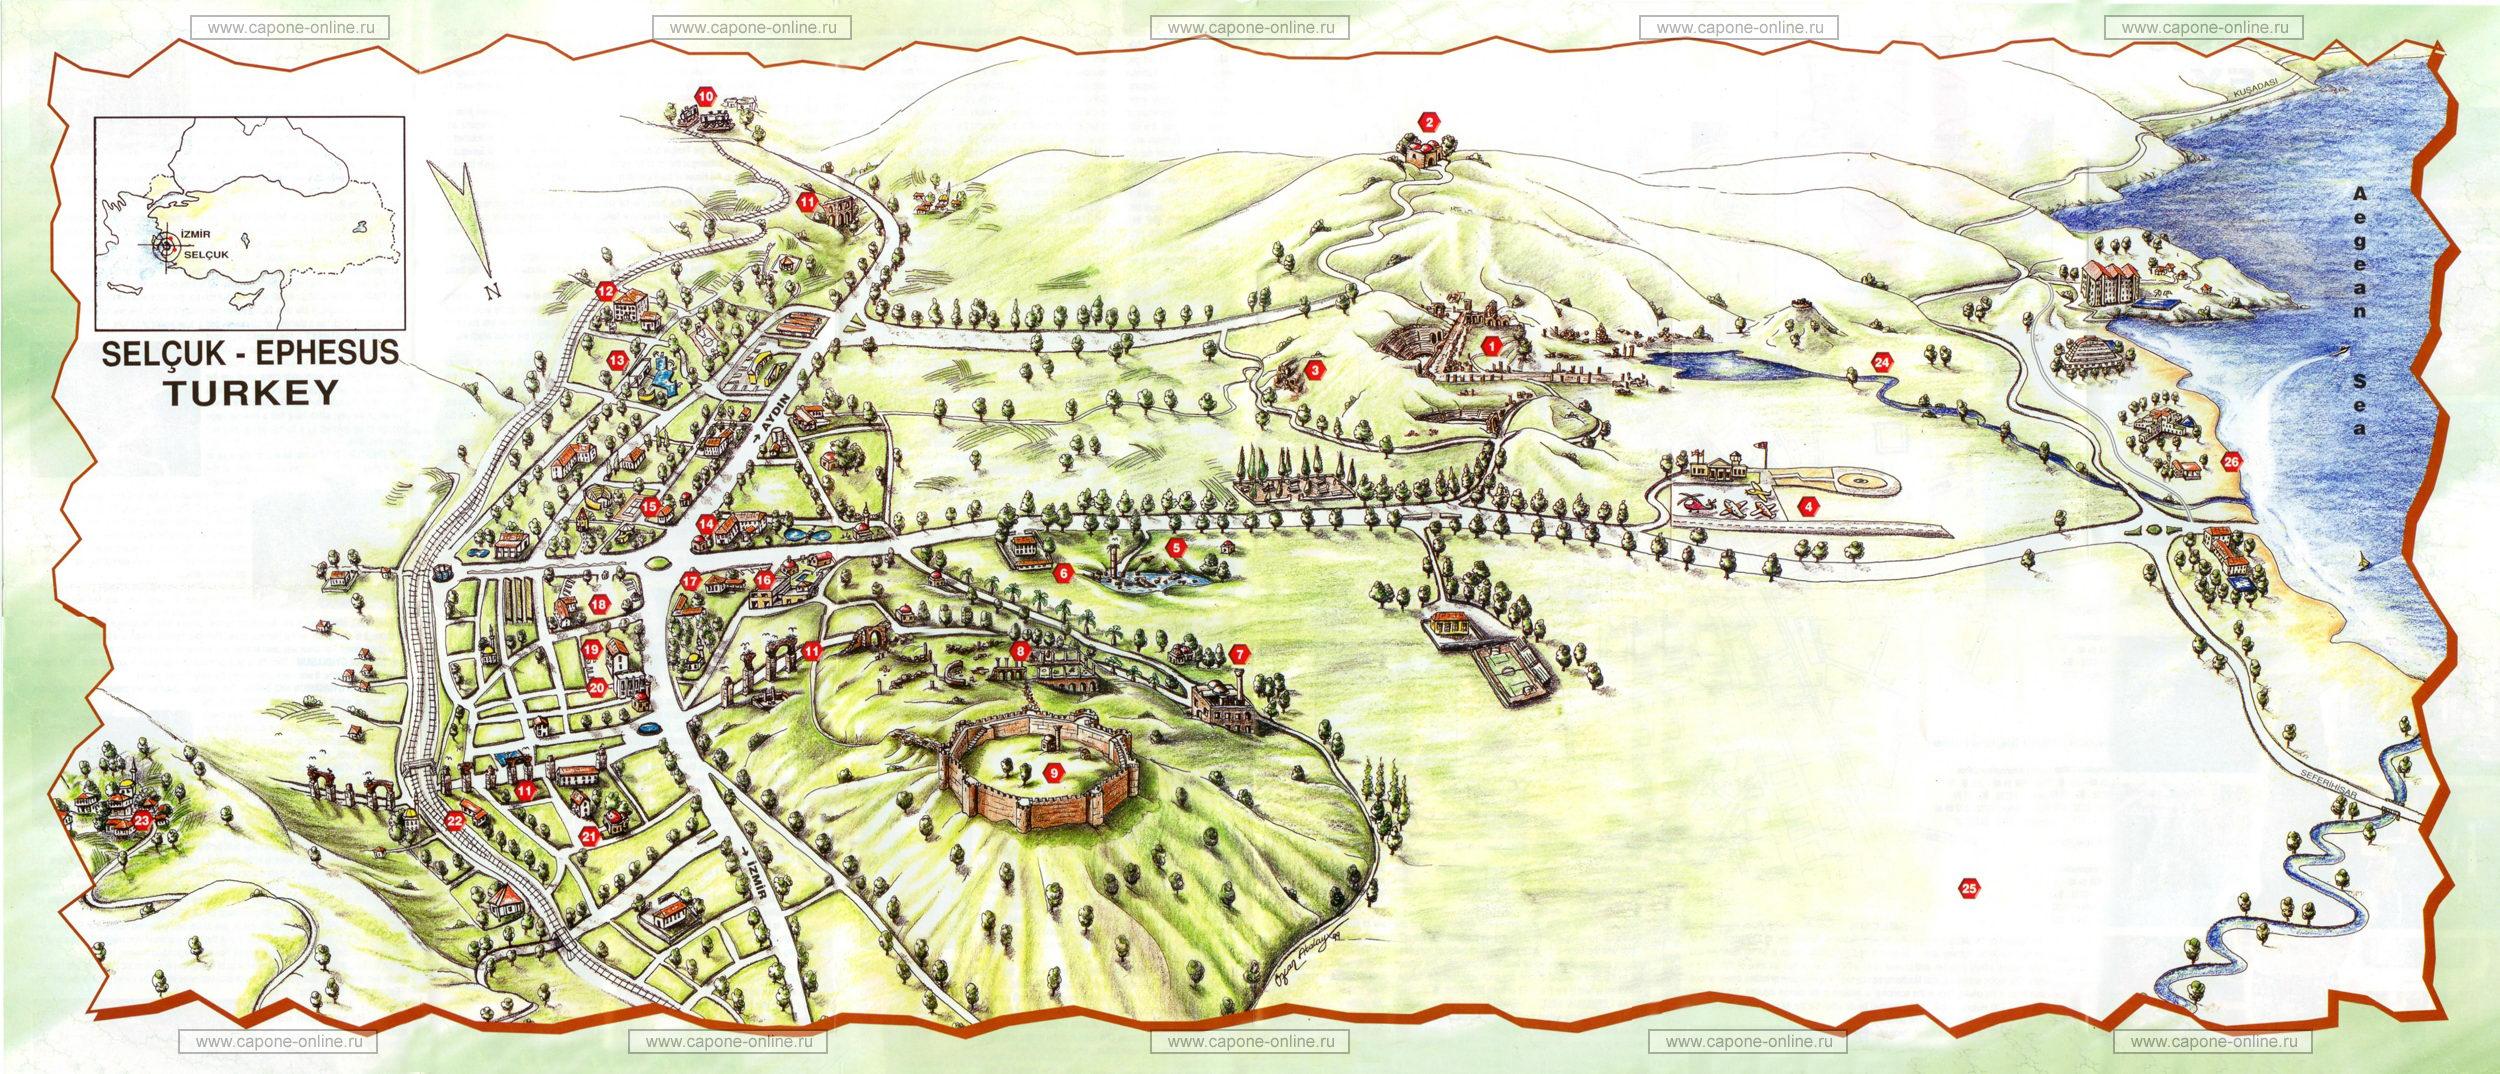 Подробная туристическая план-схема турецкого города Сельчук и окрестностей.